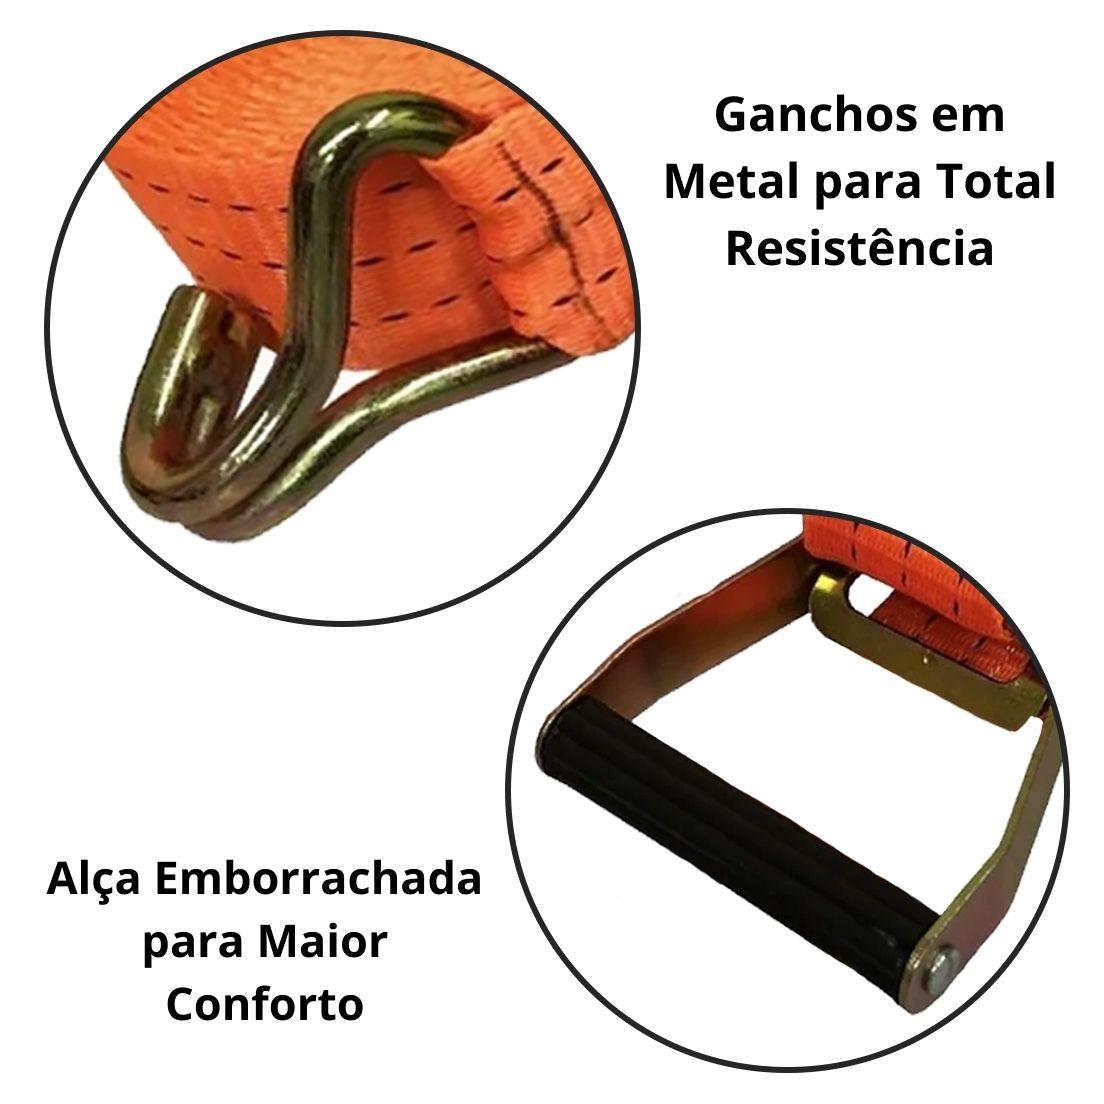 Cinta de Carga Com Catraca para Amarração 50mm x 10m Starfer